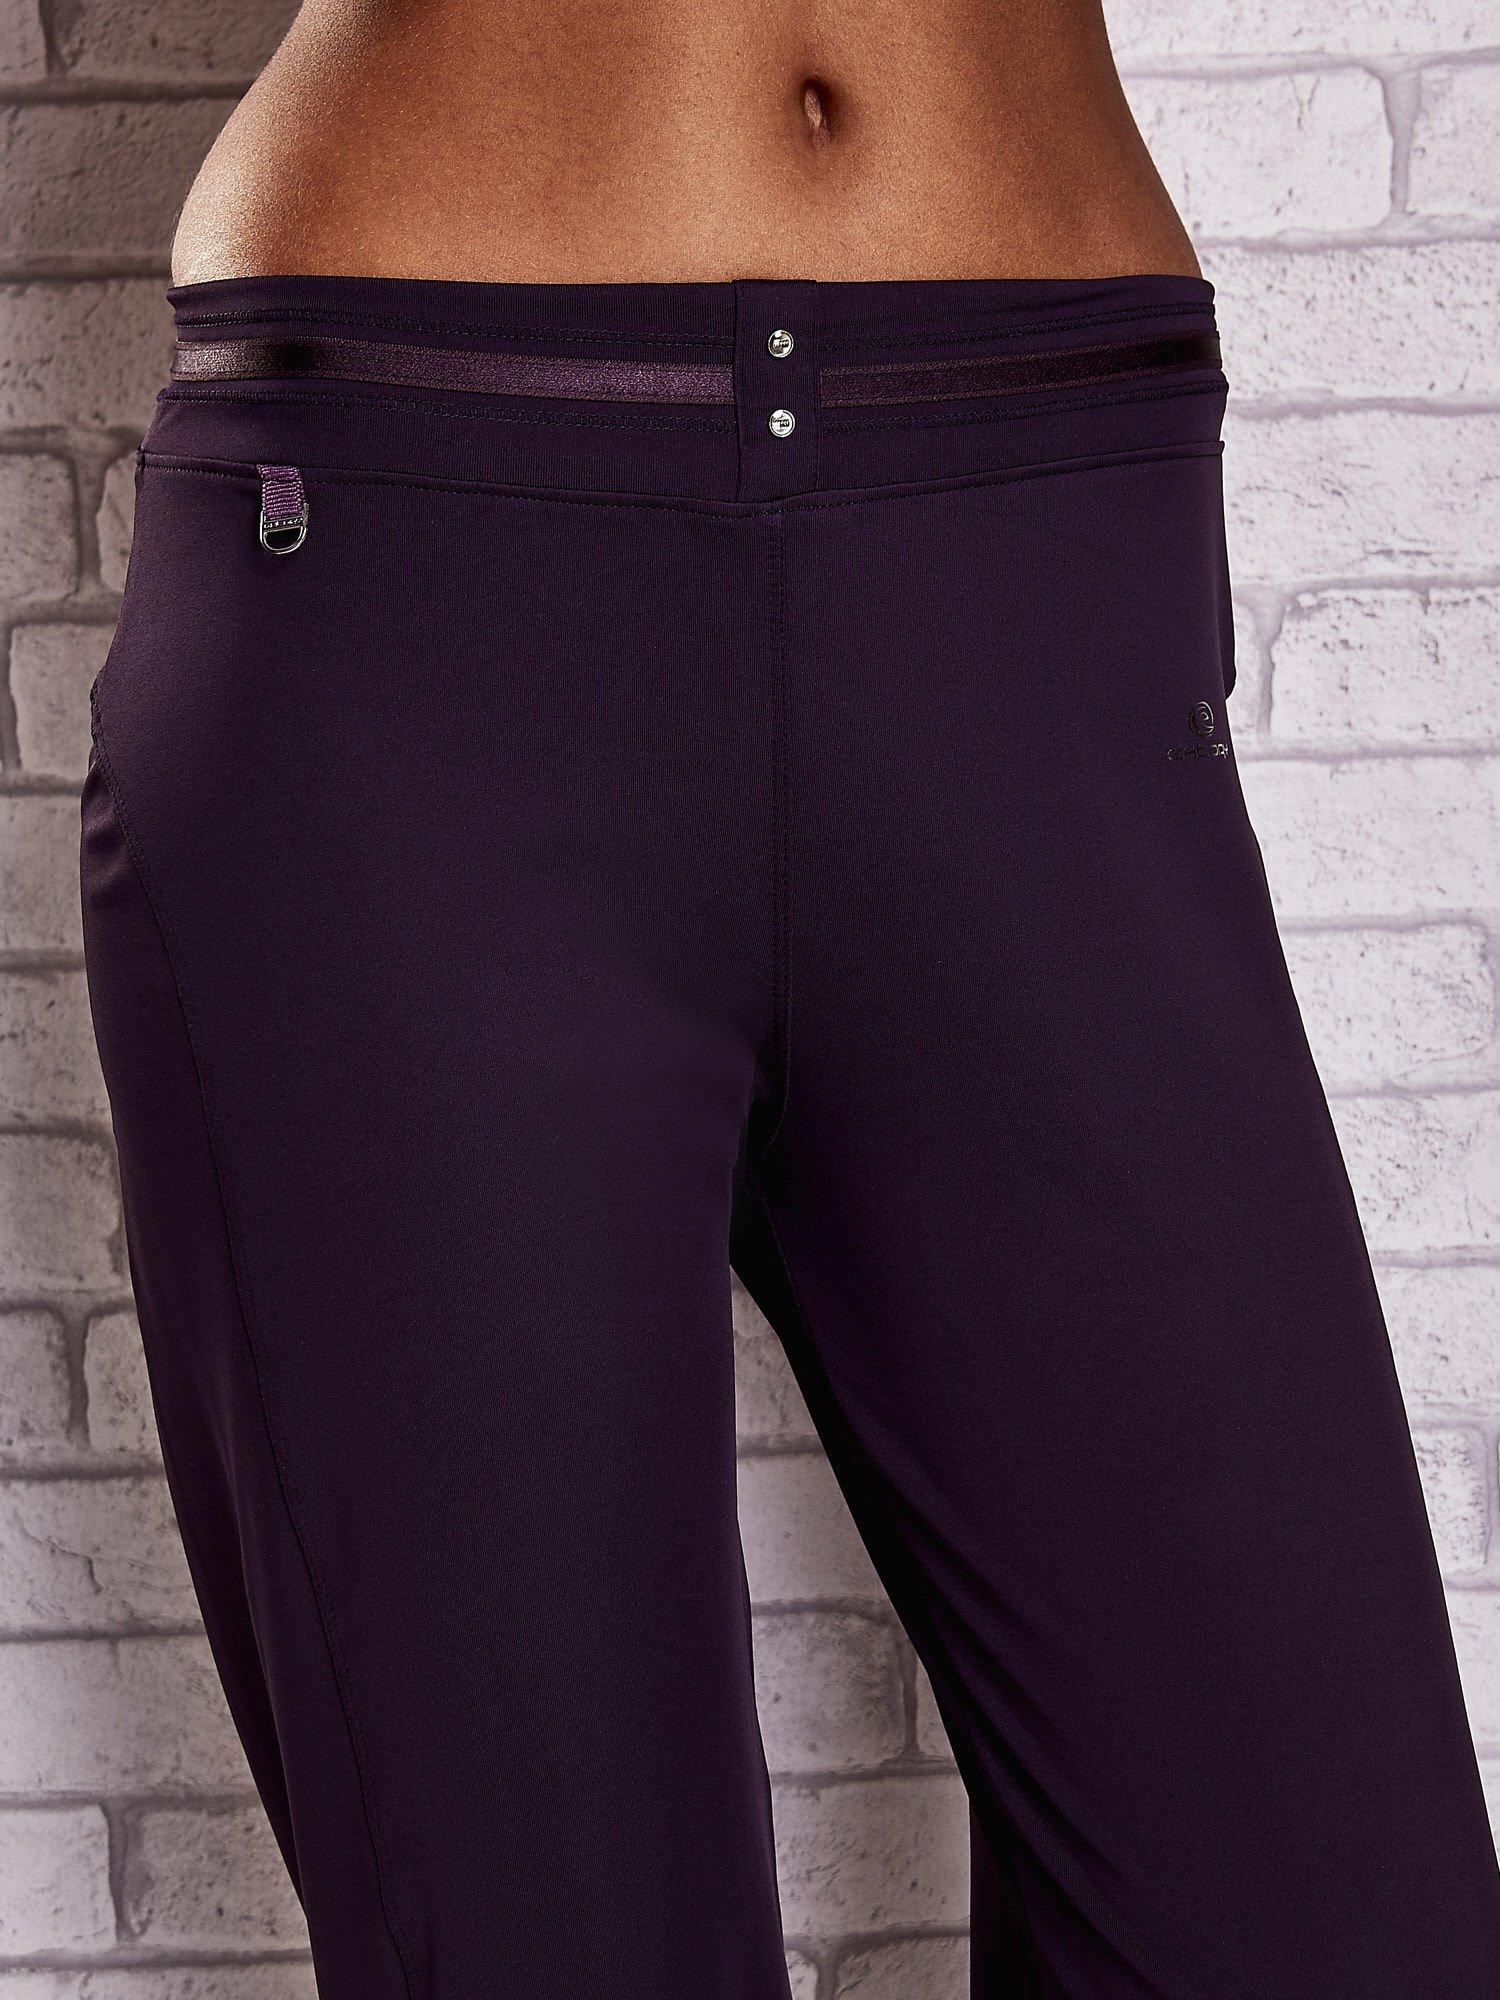 Ciemnofioletowe spodnie capri z surowym wykończeniem PLUS SIZE                                  zdj.                                  4